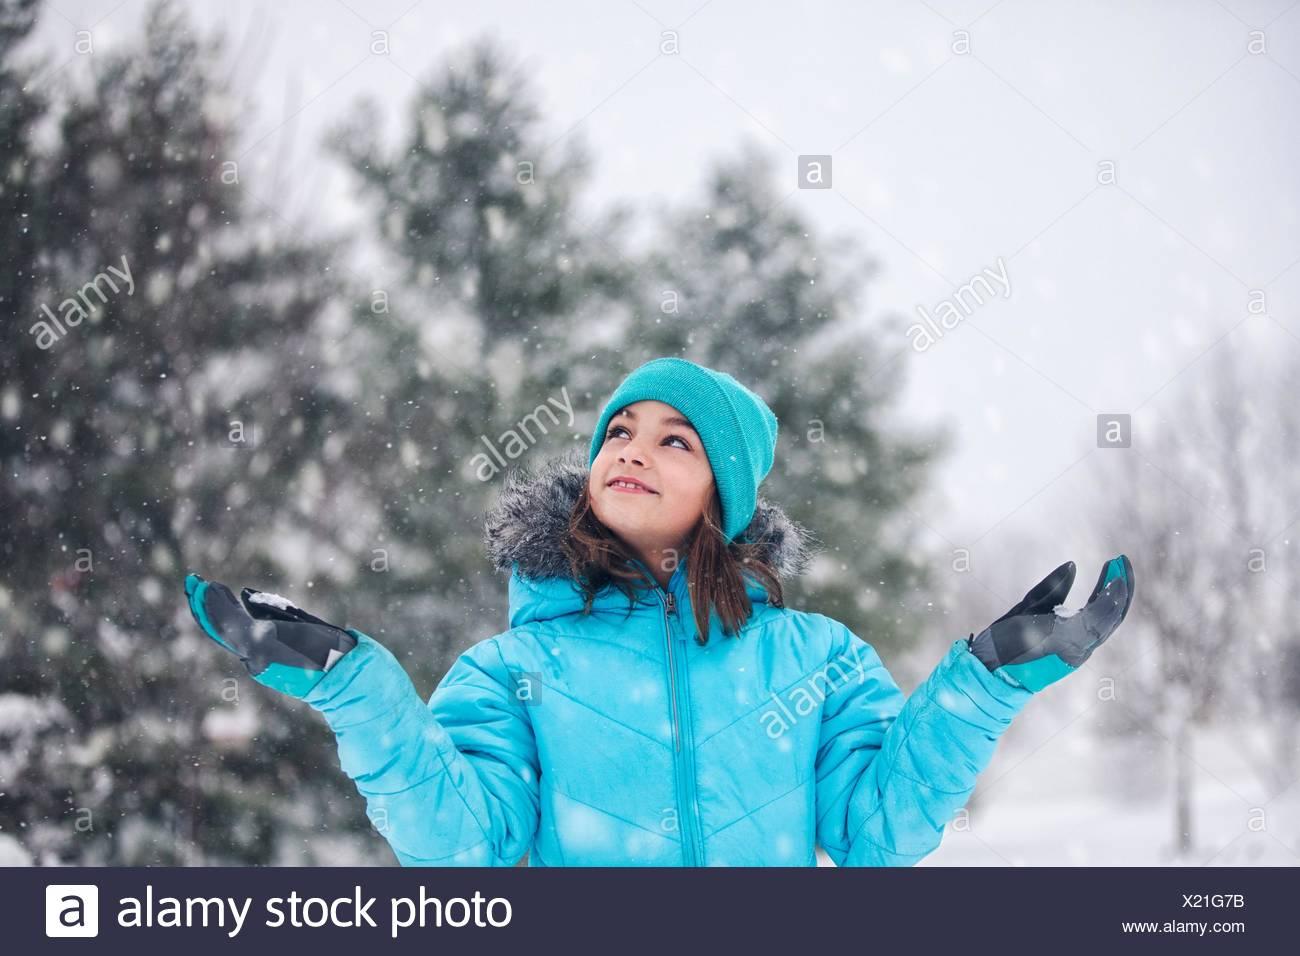 Turquoise Girl wearing Knit hat et manteau, bras levés, les mains hors de la neige, de la capture à la up smiling Photo Stock